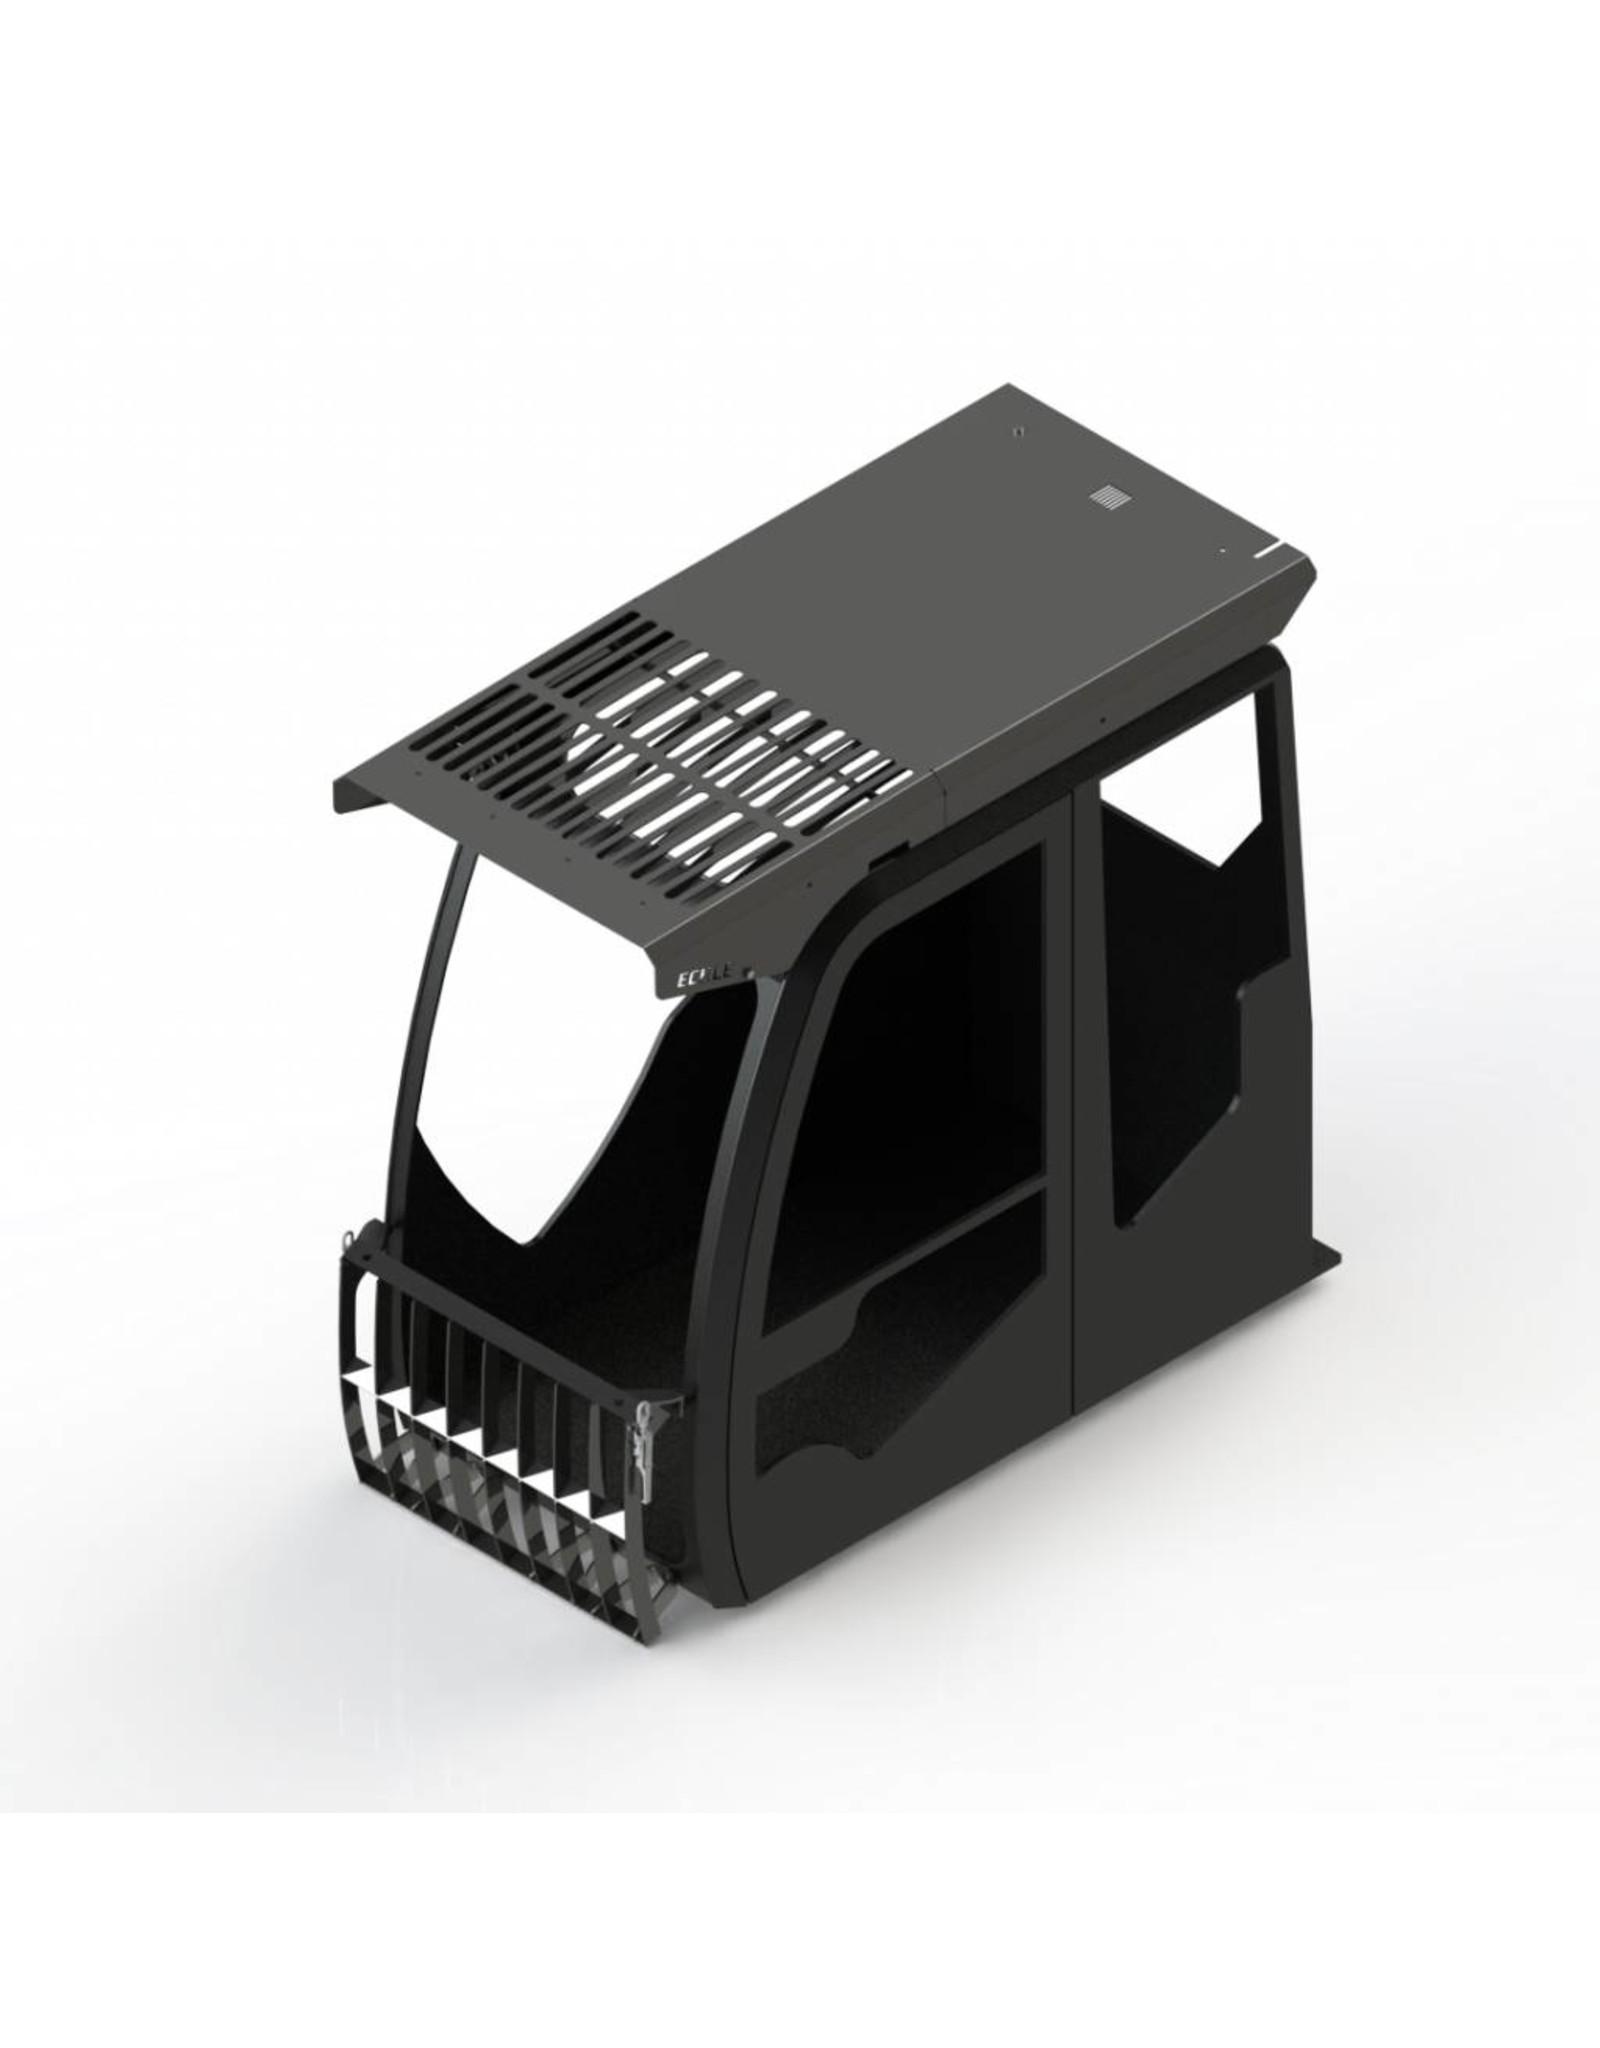 Echle Hartstahl GmbH FOPS für Liebherr R 926 Compact